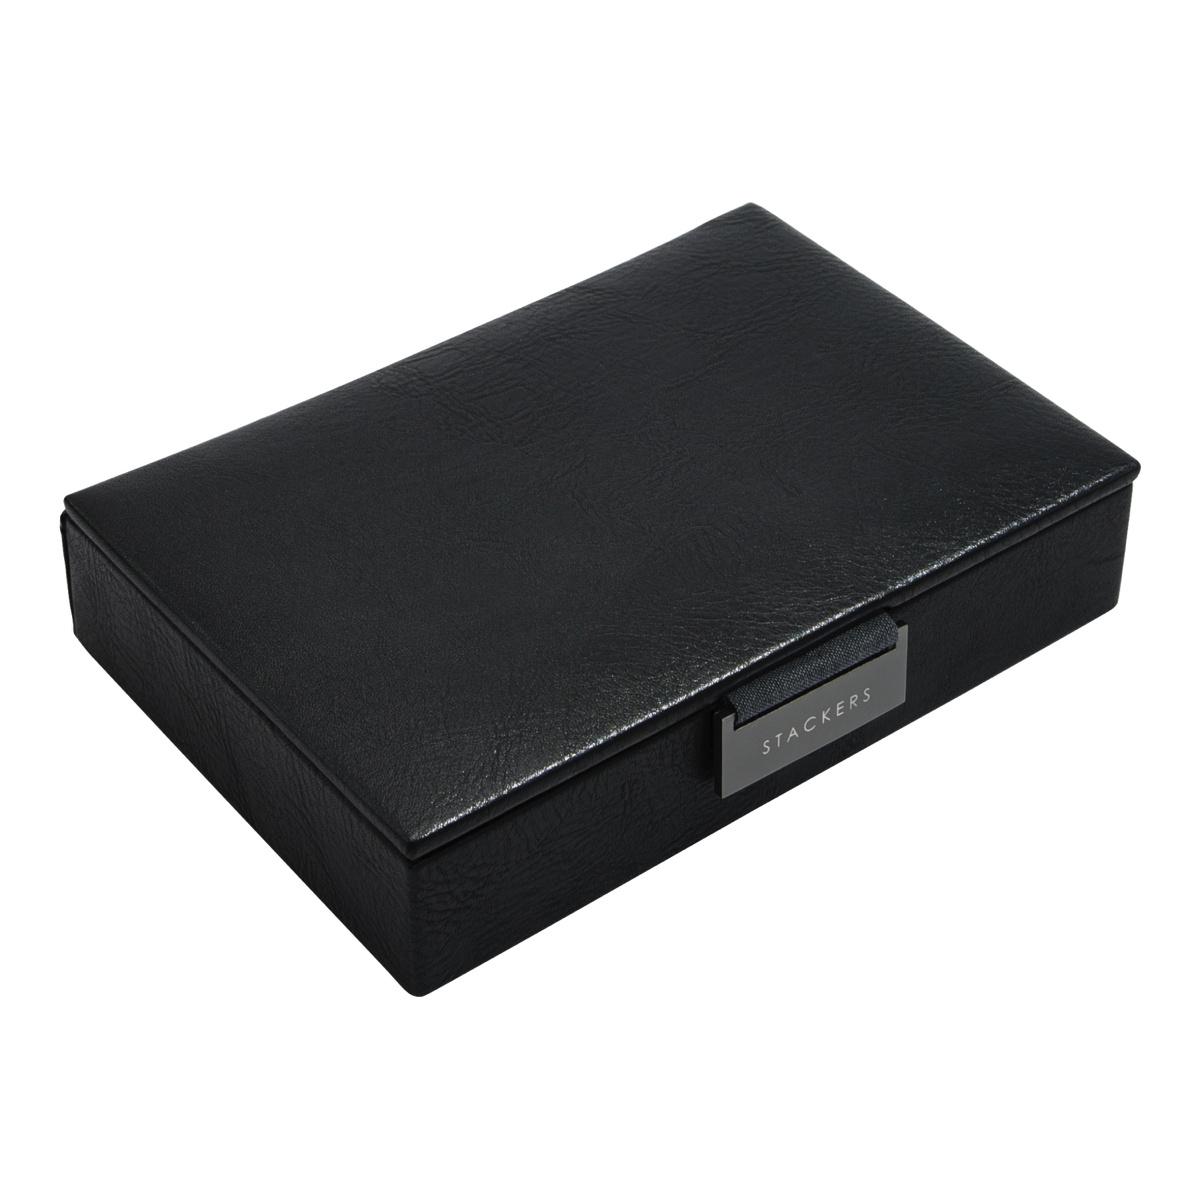 Mini Cufflink Box Black-2